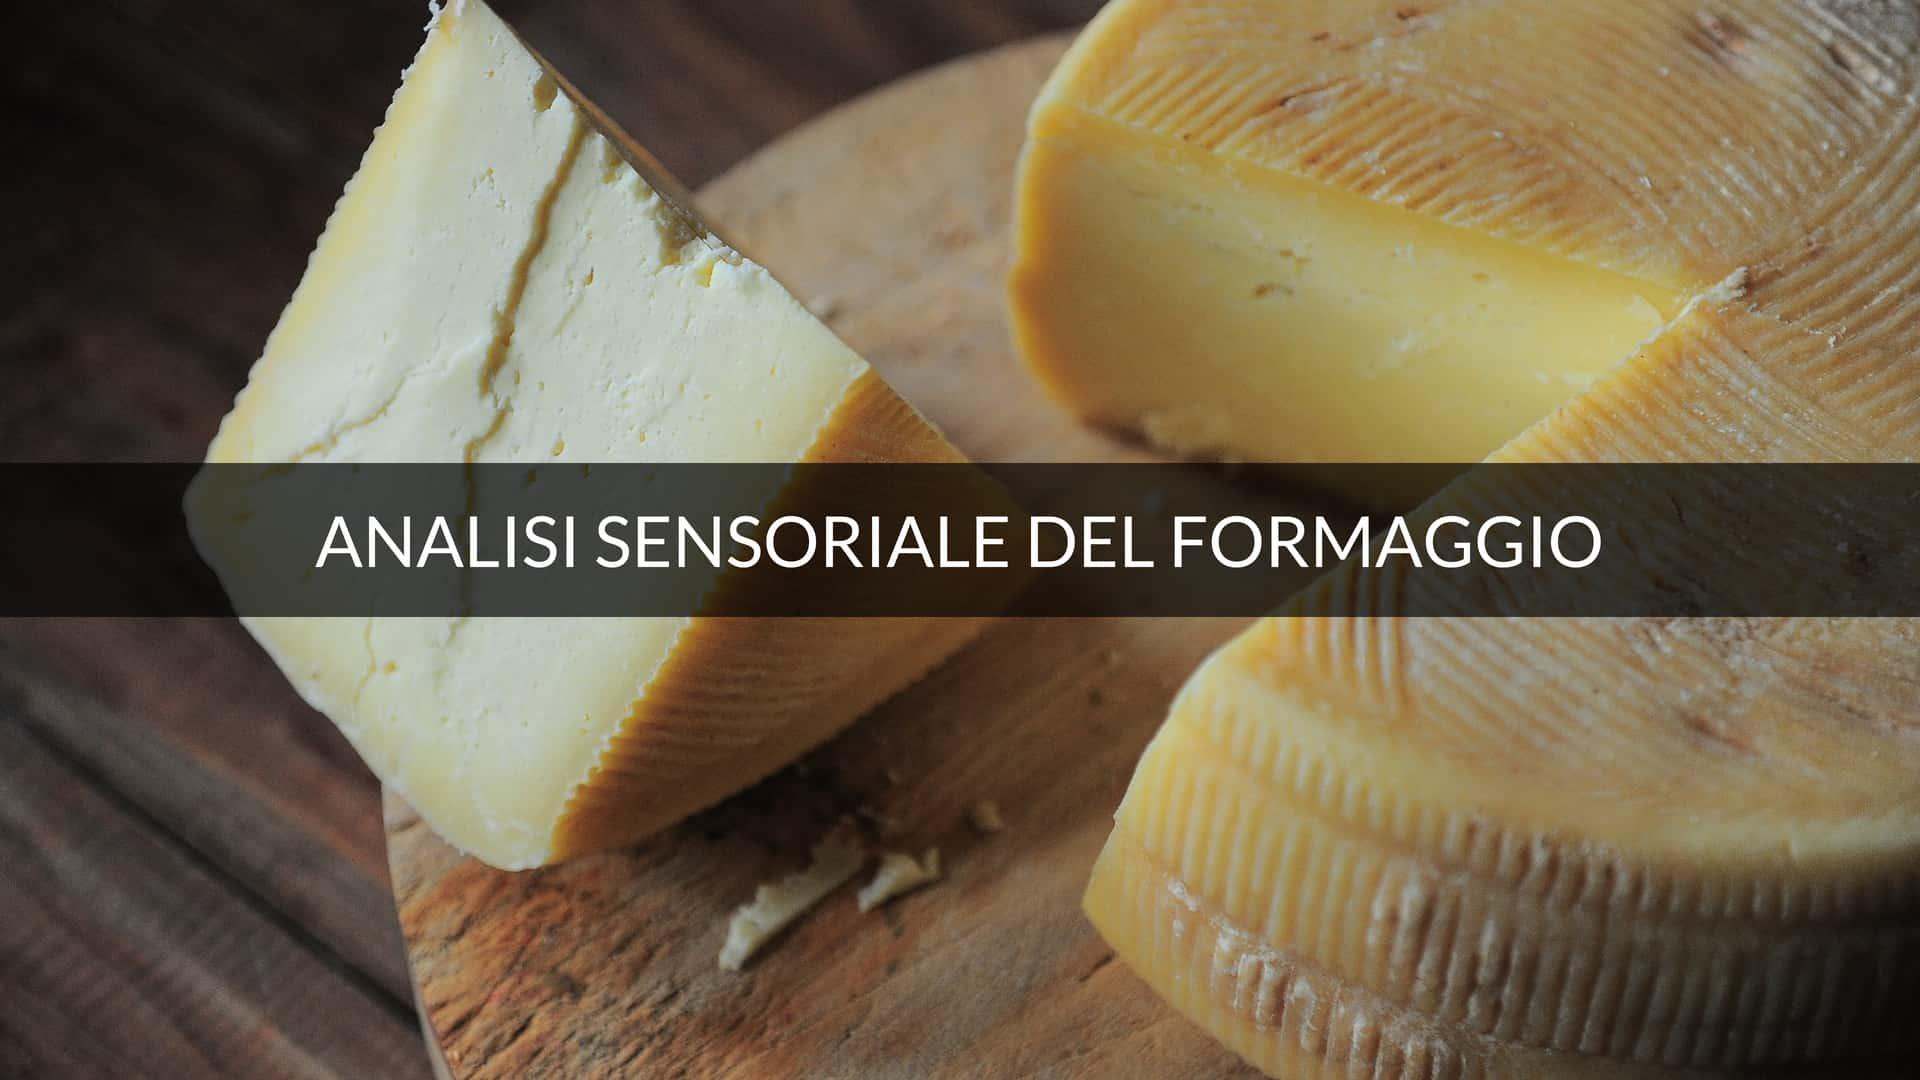 La distinzione dei sapori nell'analisi sensoriale del formaggio